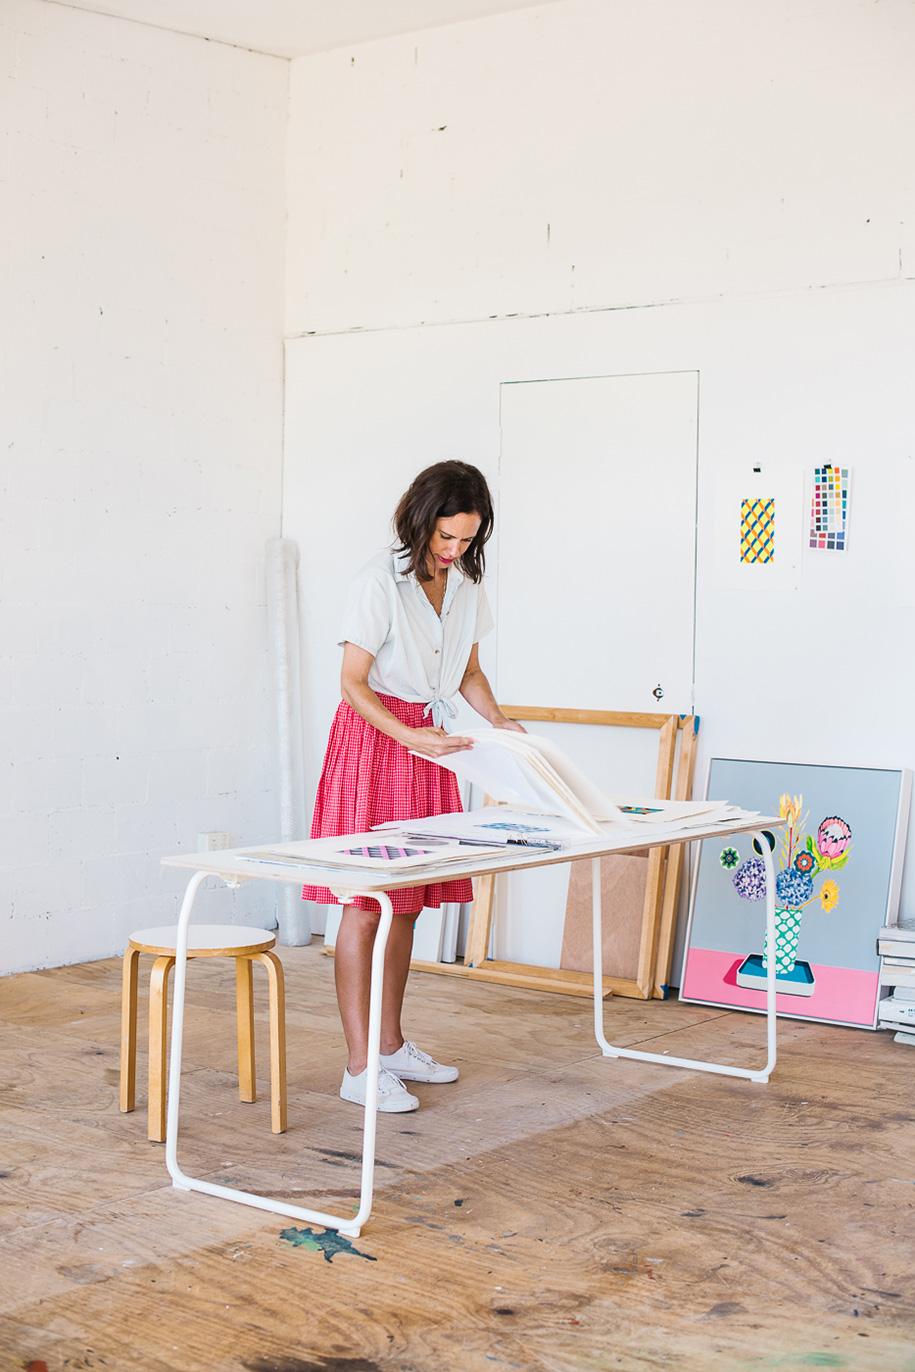 Claudia Damichi studio